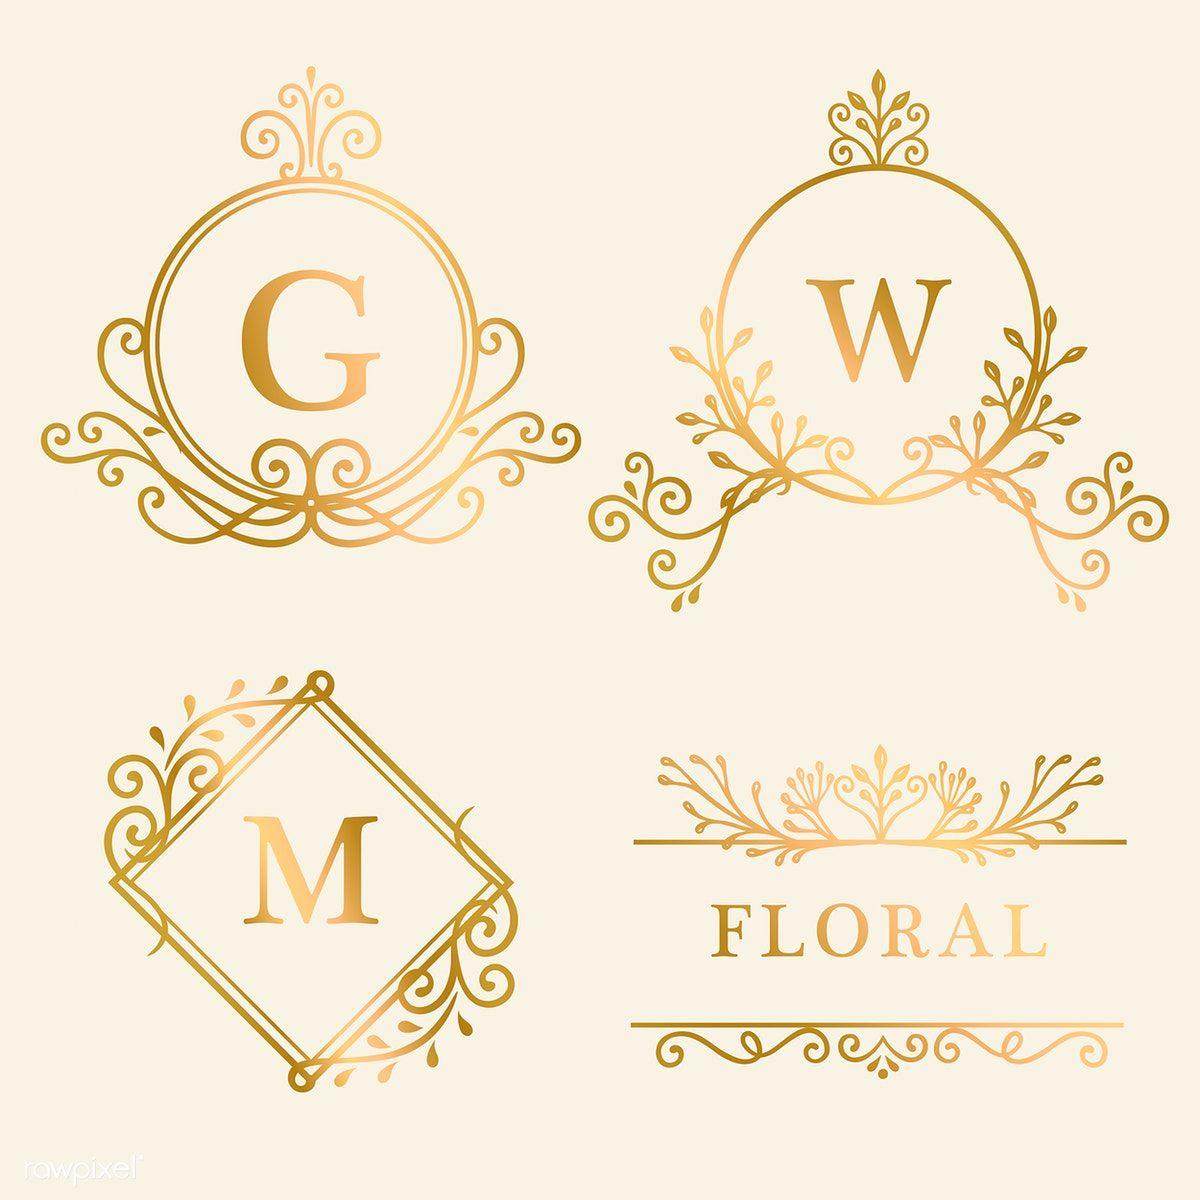 Set Of Golden Framed Vintage Logo Vector Free Image By Rawpixel Com Filmful Frame Logo Vector Free Vintage Logo